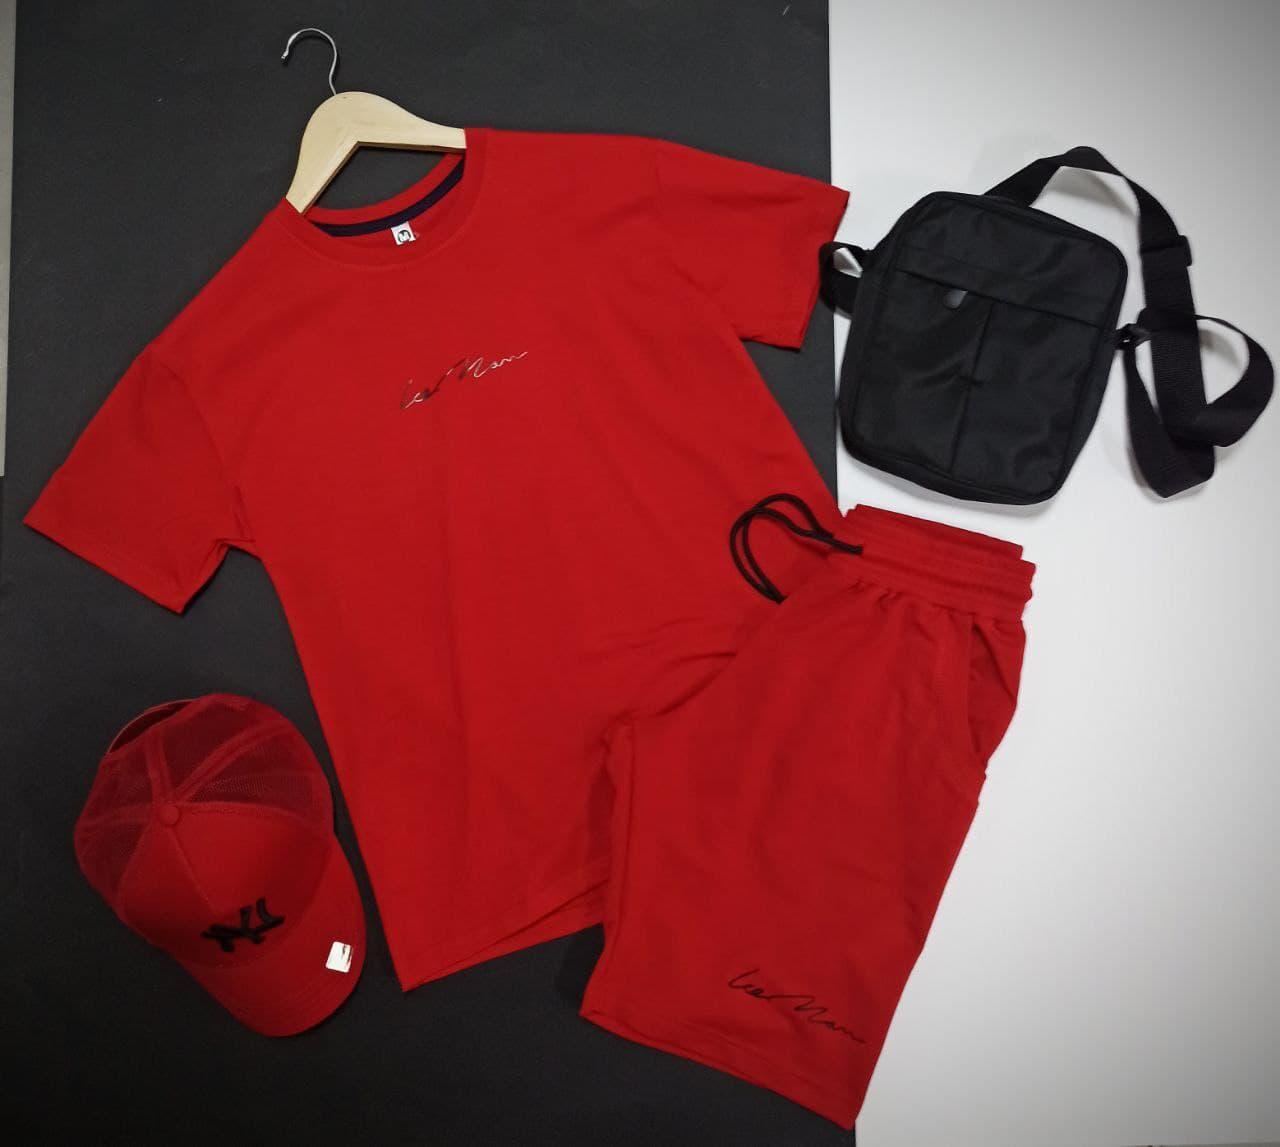 Чоловічий літній прогулянковий комплект шорти і футболка червоного кольору з сумкою месседжером